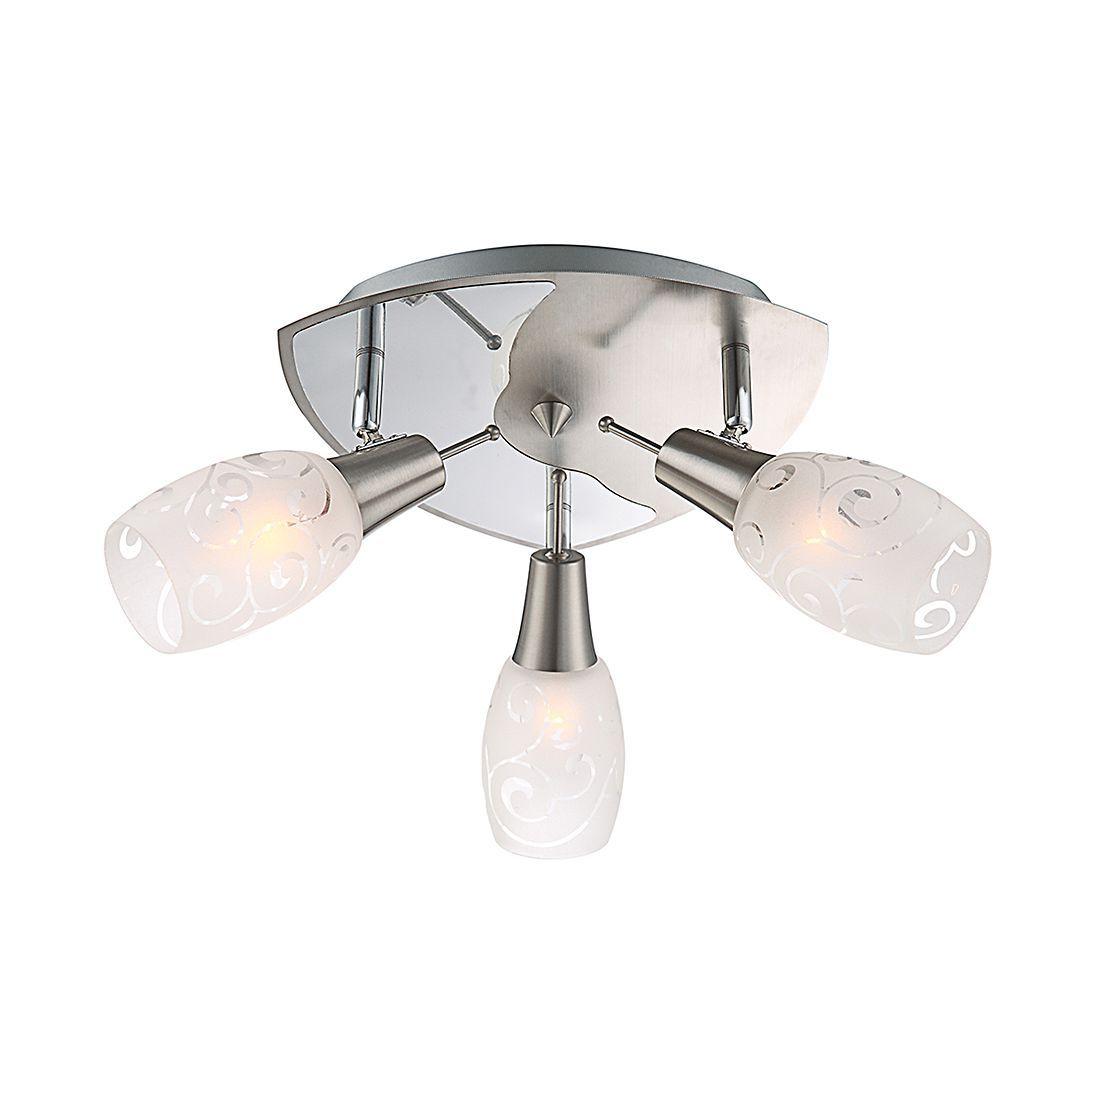 Eek A Deckenleuchte Florita Metall Silber 3 Flammig Globo Lighting Jetzt Bestellen Unter Https Deckenleuchten Deckenlampe Led Deckenleuchte Kuche